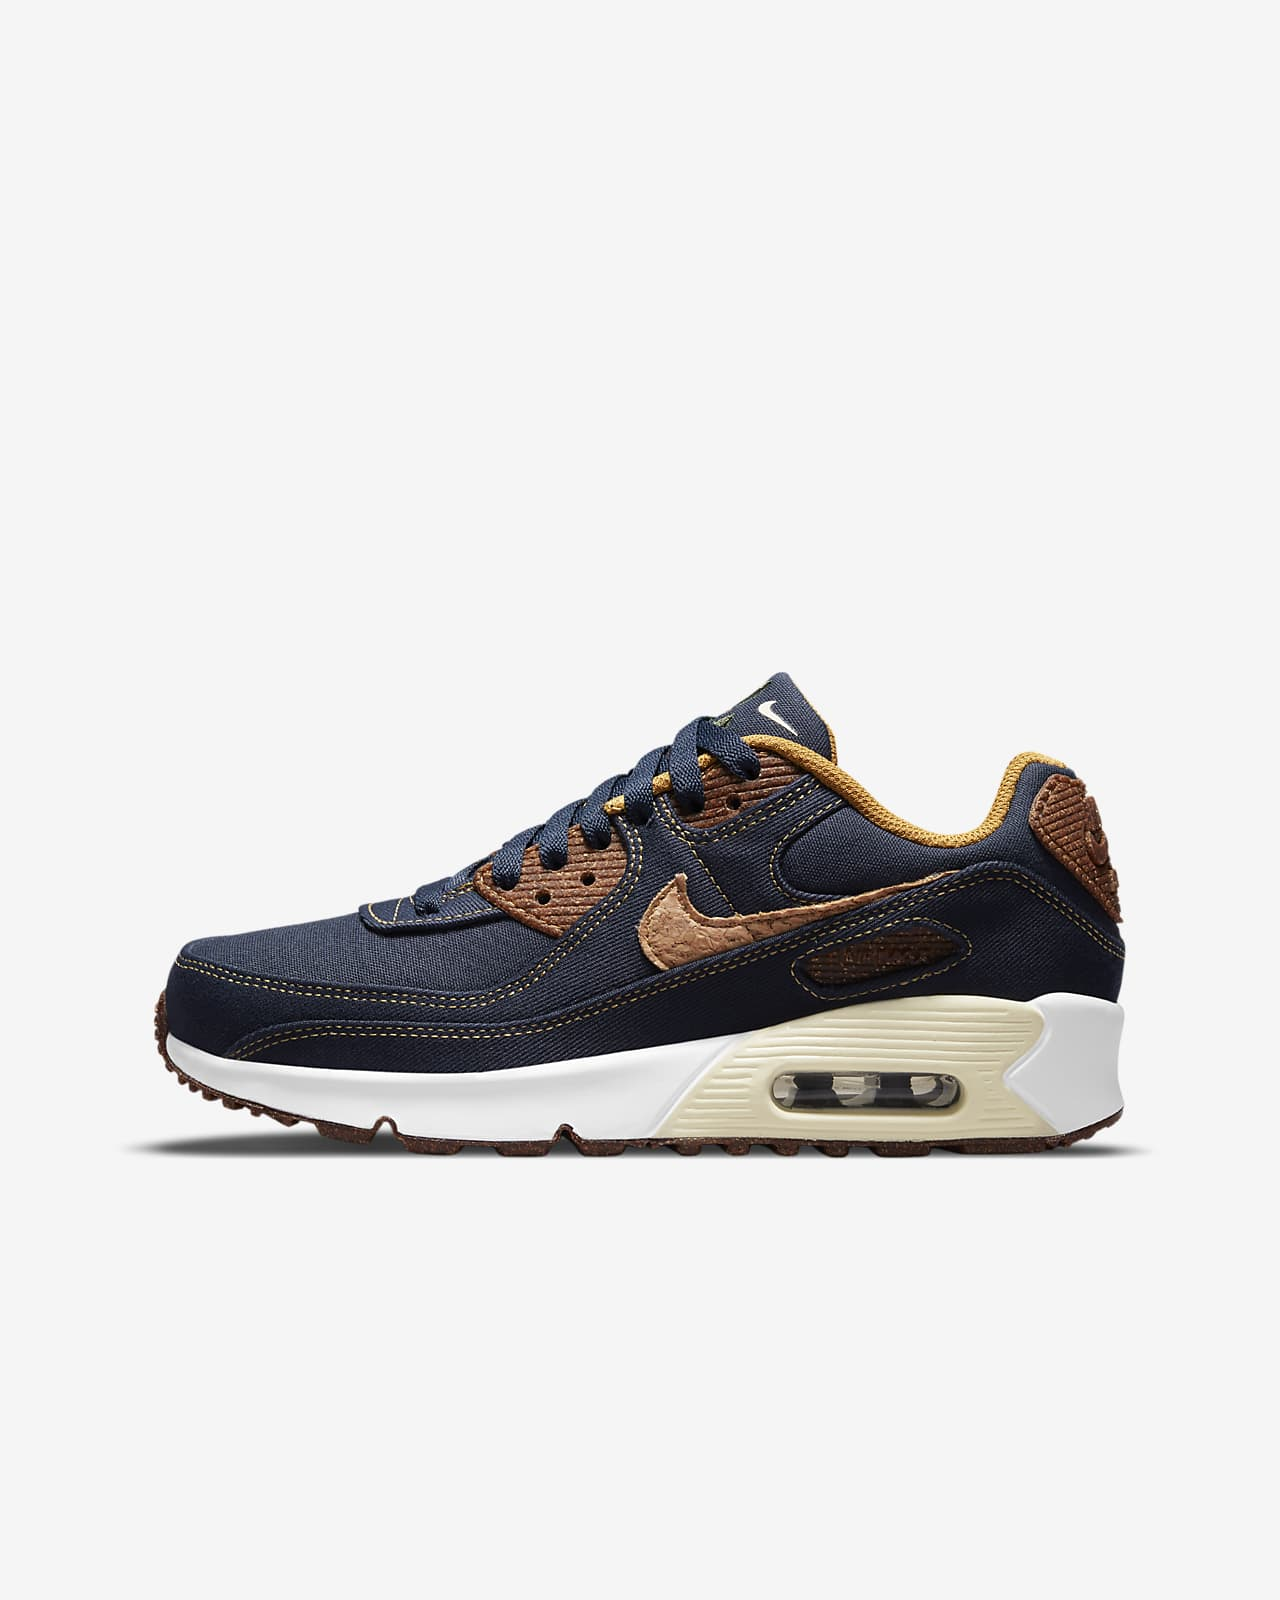 Nike Air Max 90 SE Older Kids' Shoe. Nike LU